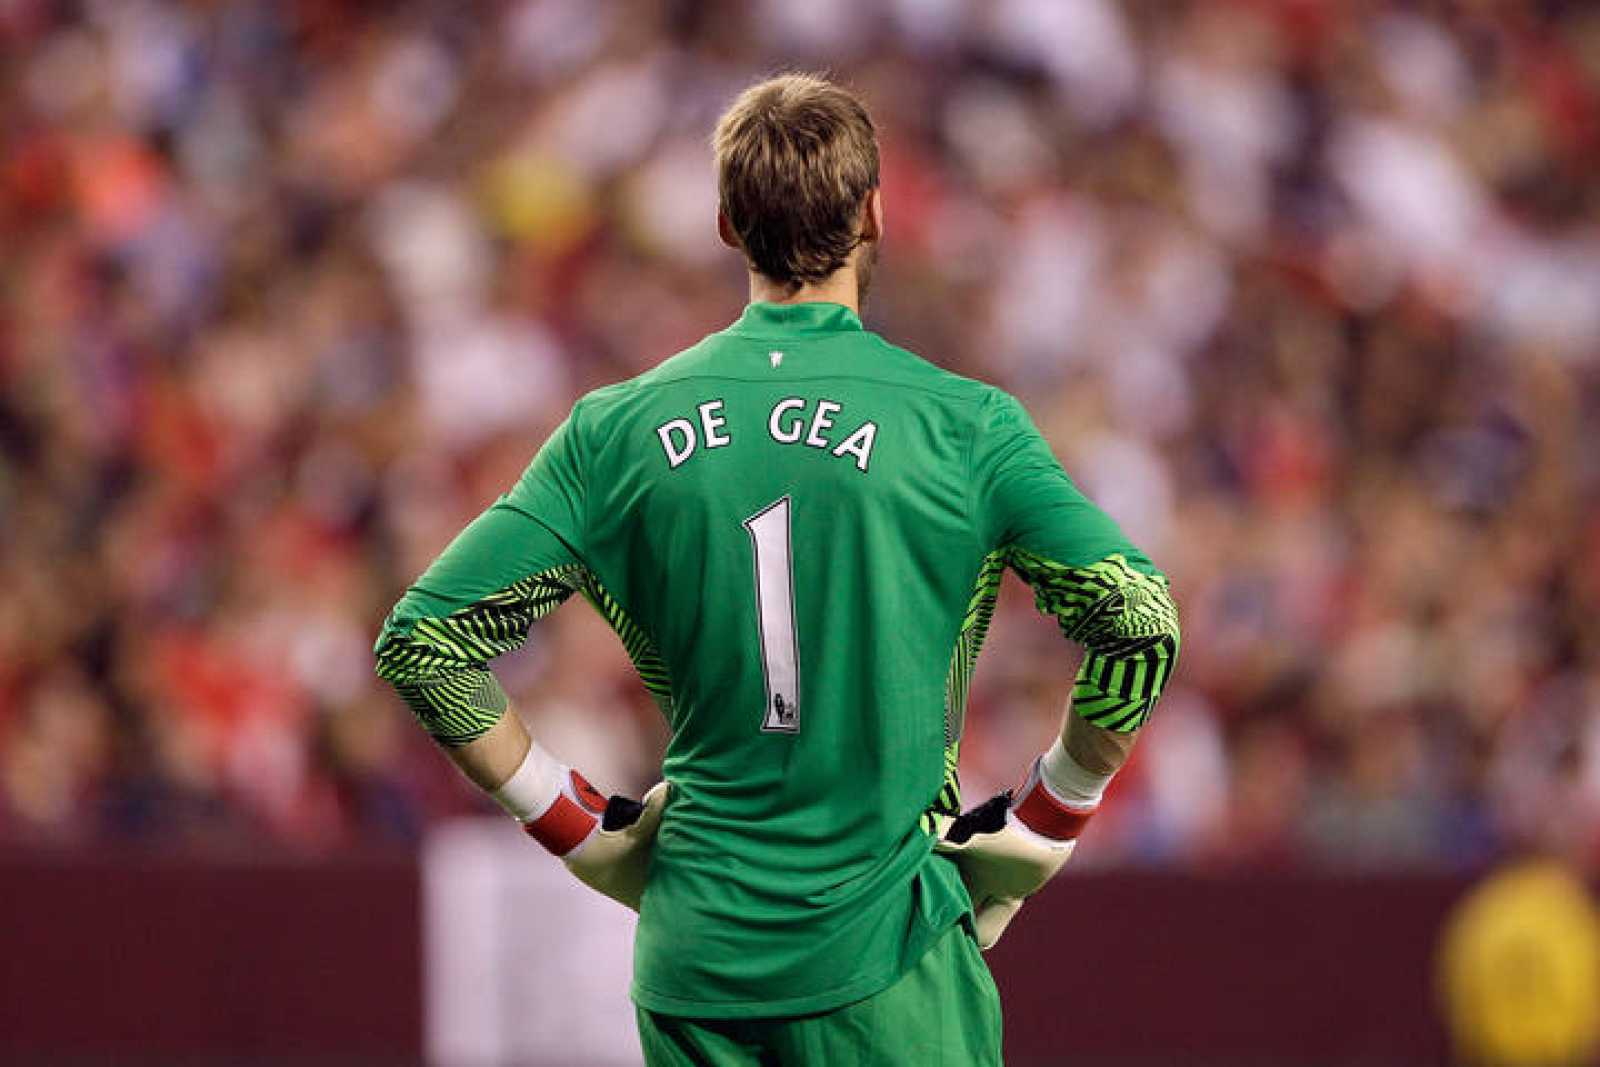 David De Gea, en el partido contra el Barcelona.